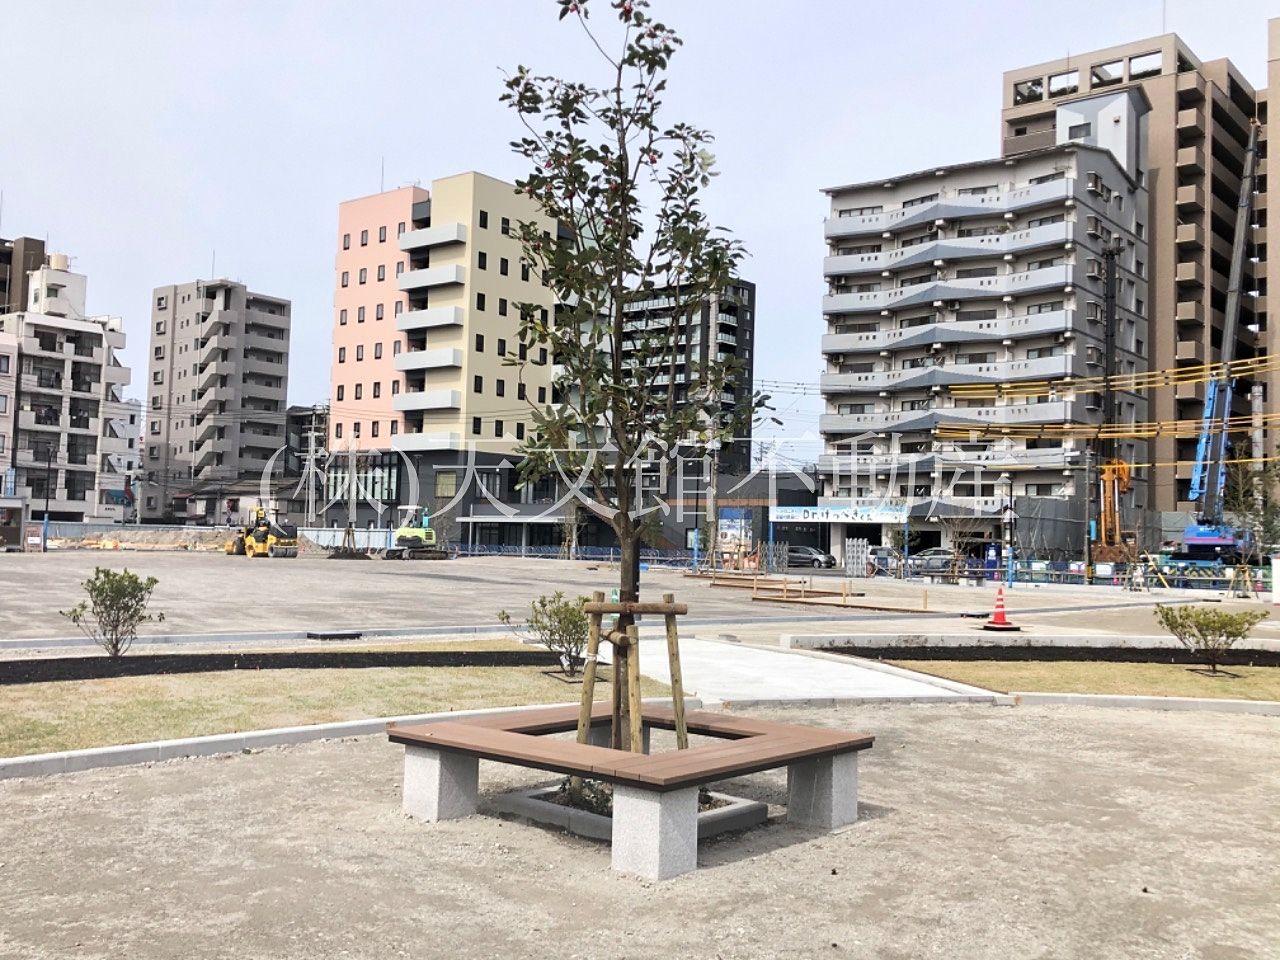 鹿児島市加治屋町の加治屋町の杜公園の電車通り側にはゆっくり座れるスペースもあります。